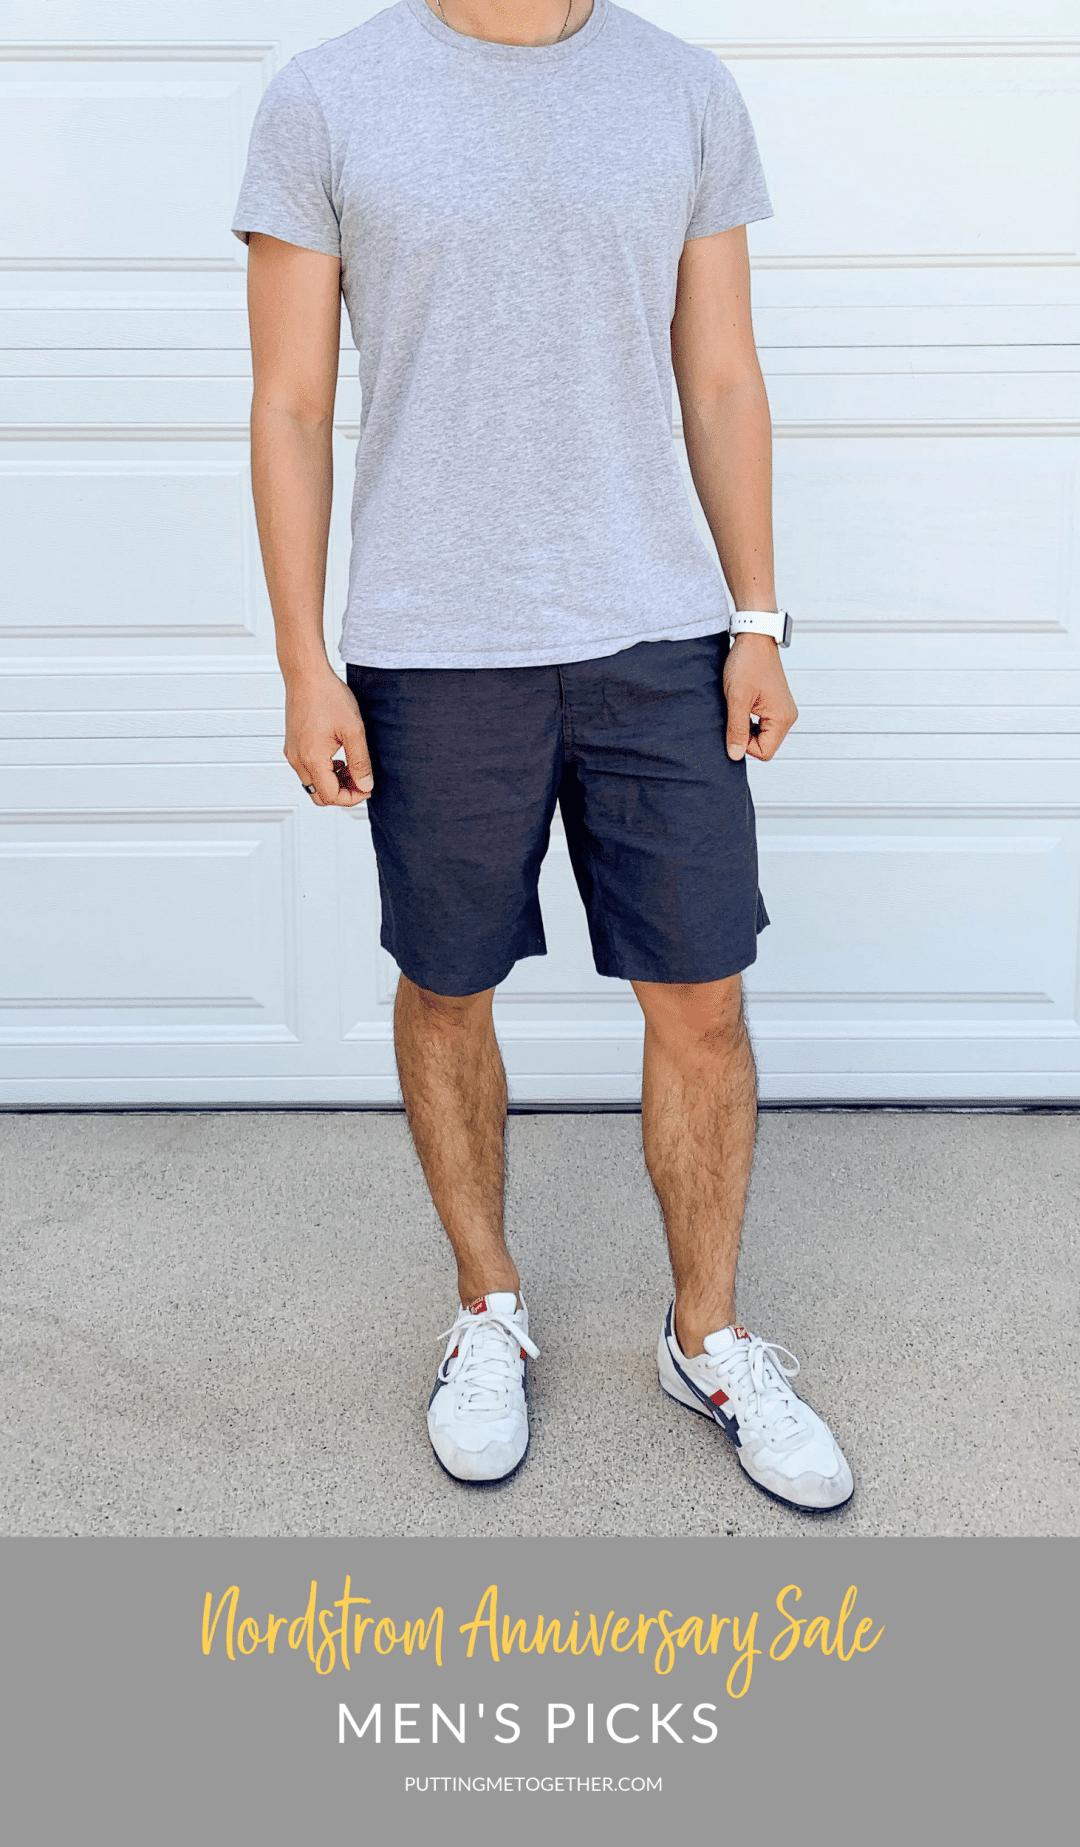 Men's Clothing Picks for Nordstrom Anniversary Sale